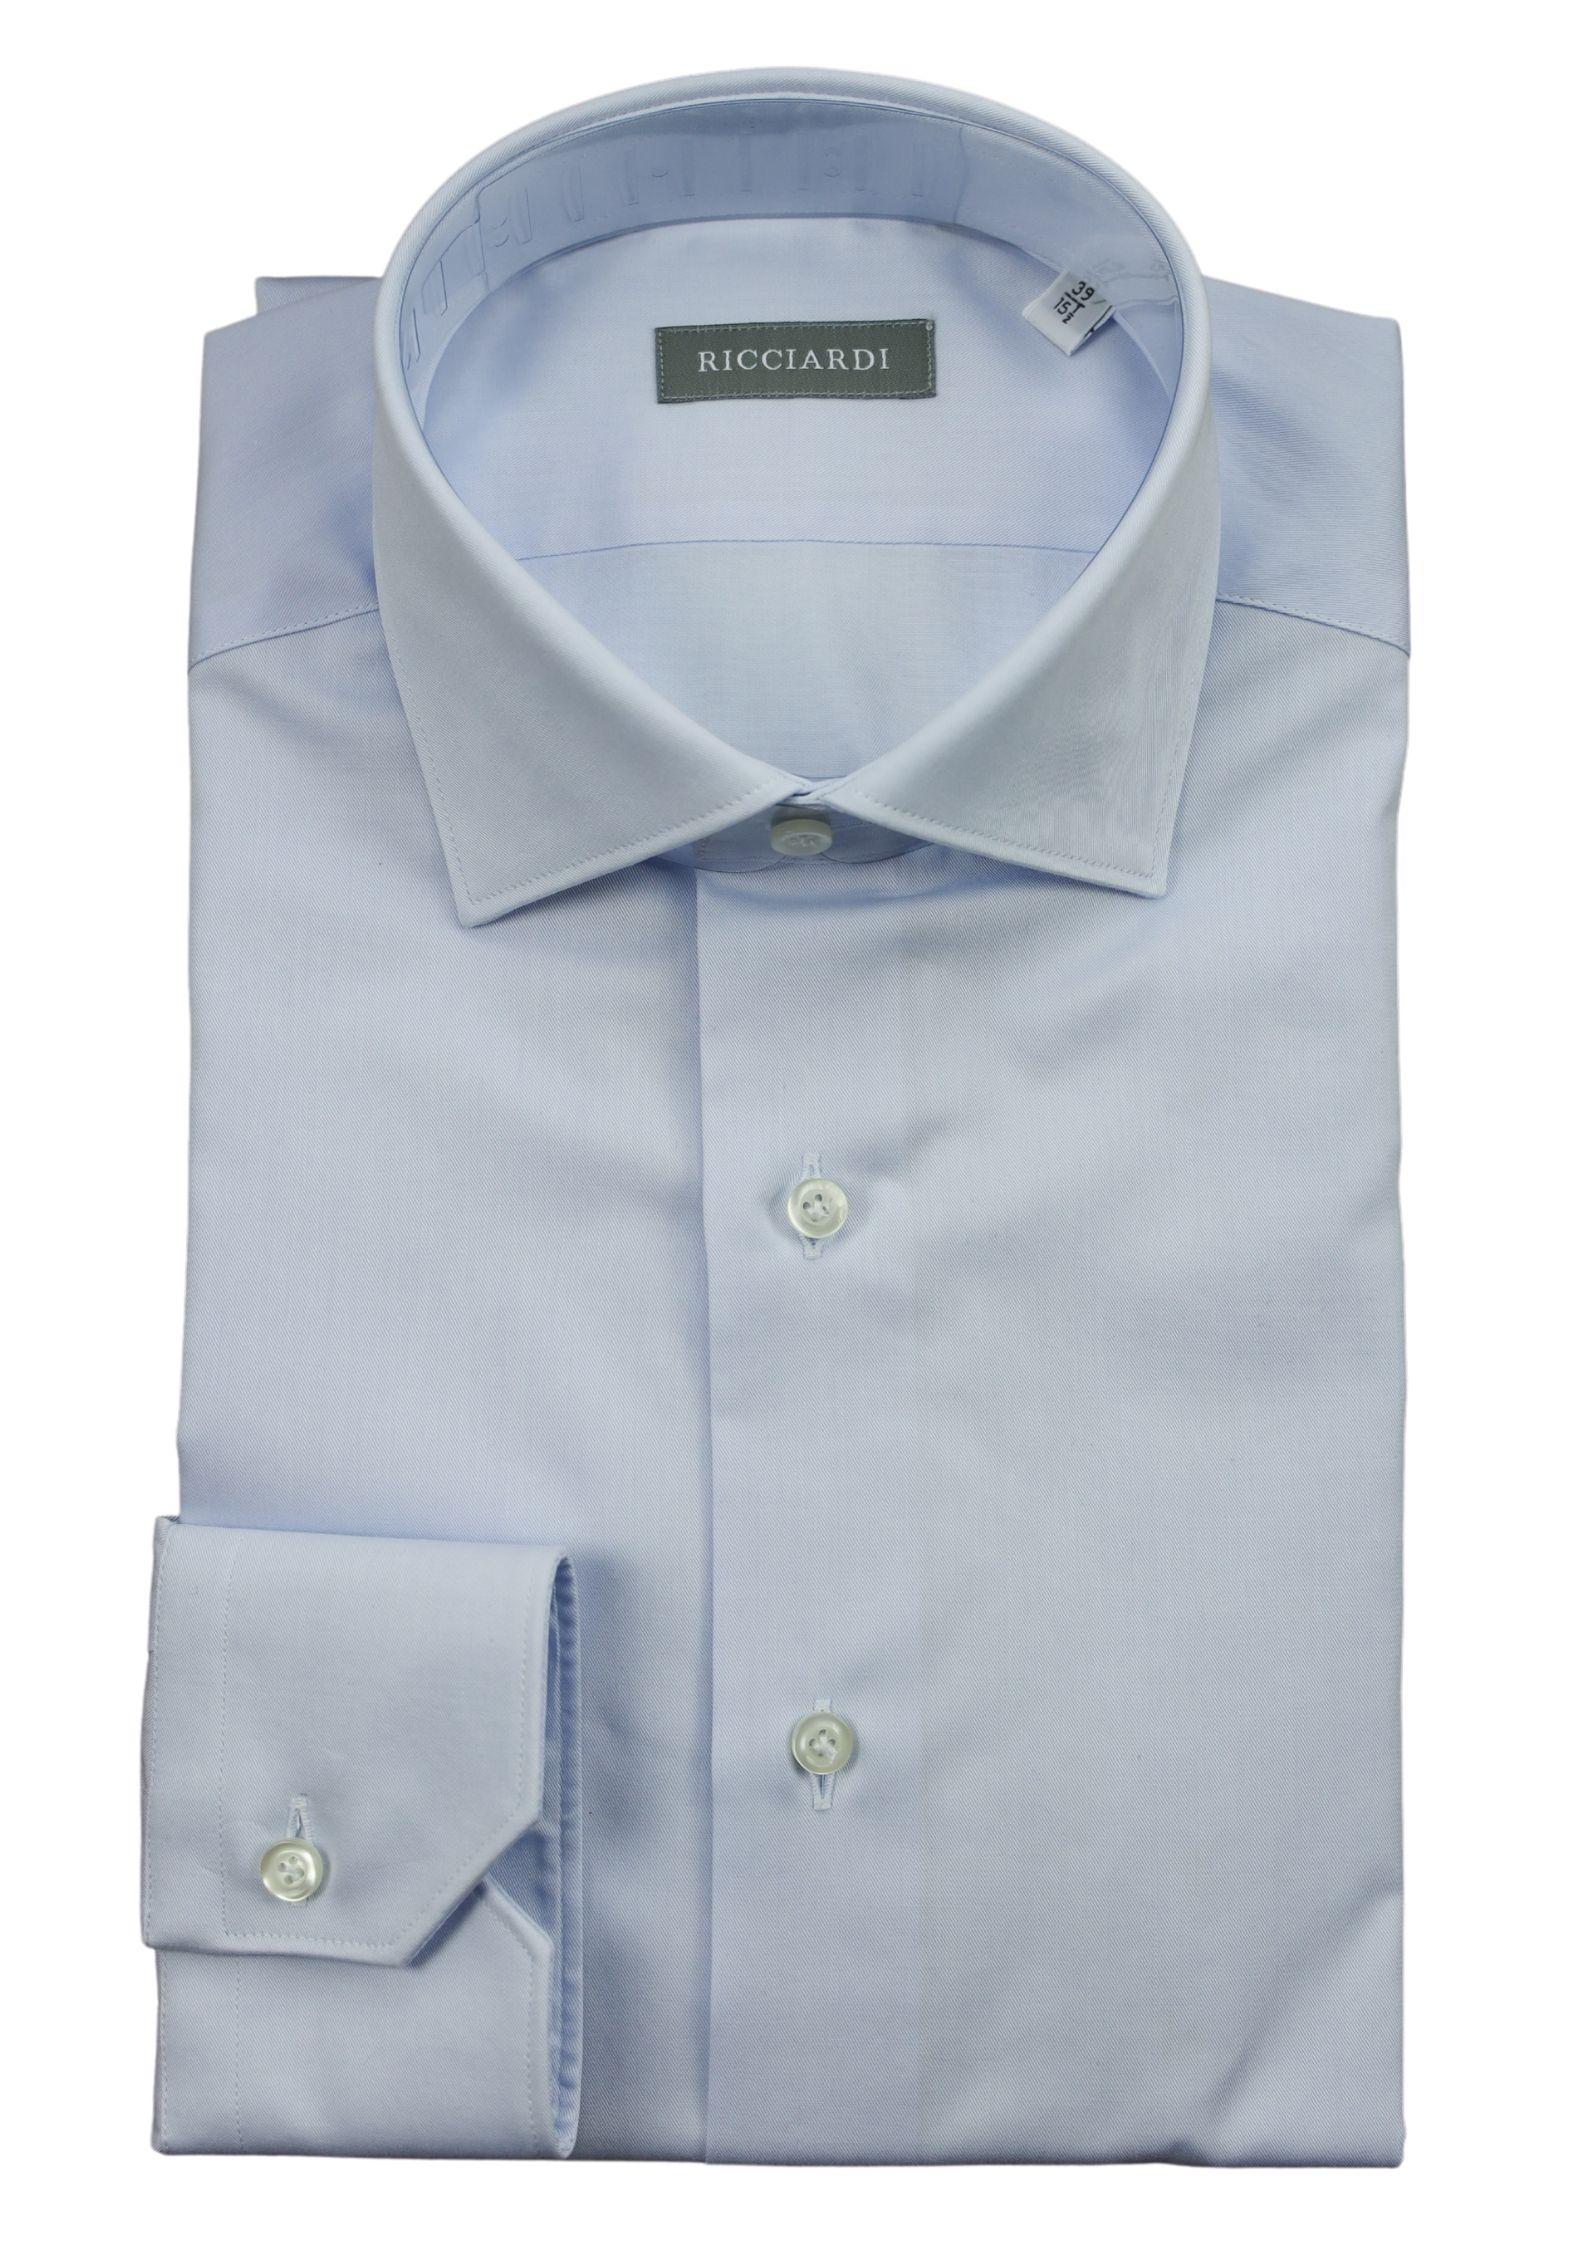 RICCIARDI | Shirts | GIO REG663 03